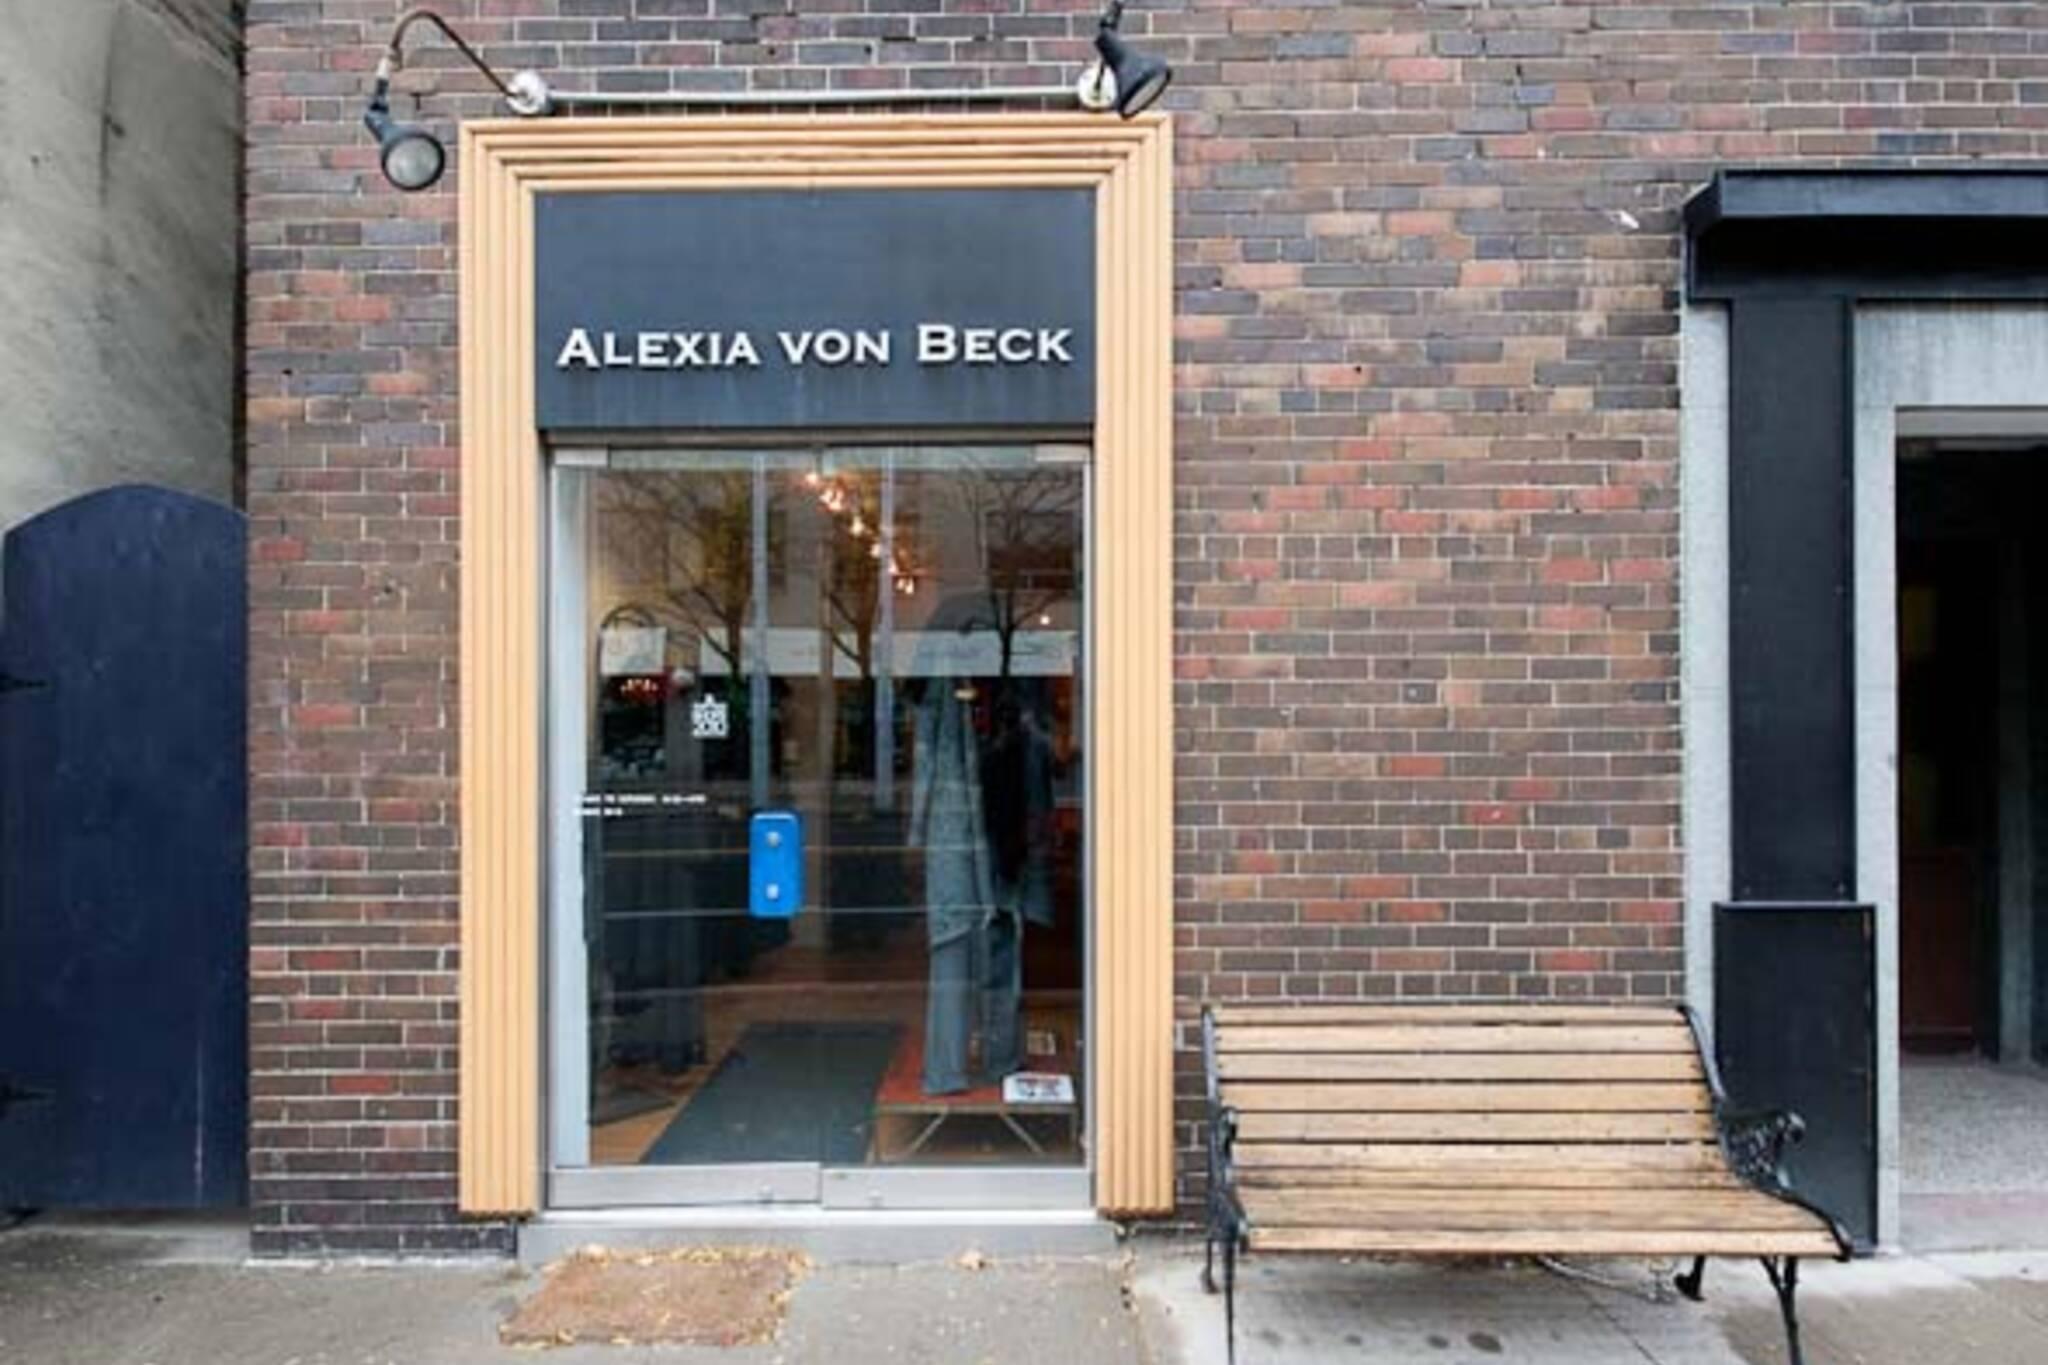 Alexia von Beck